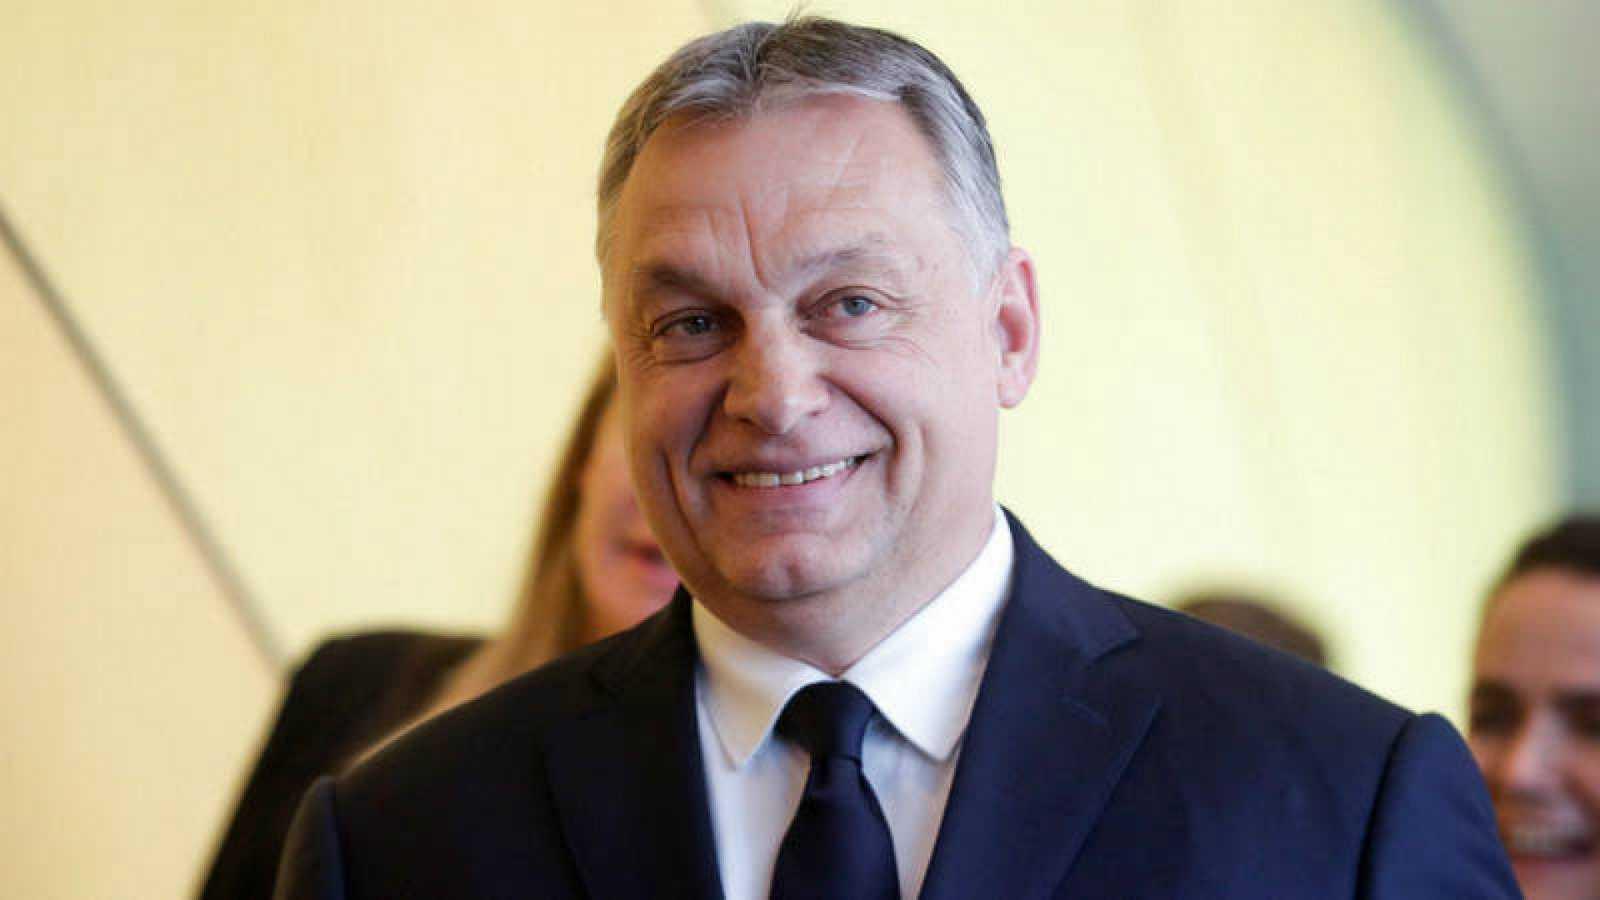 14 horas - Orbán abandona el Partido Popular Europeo - Escuchar ahora